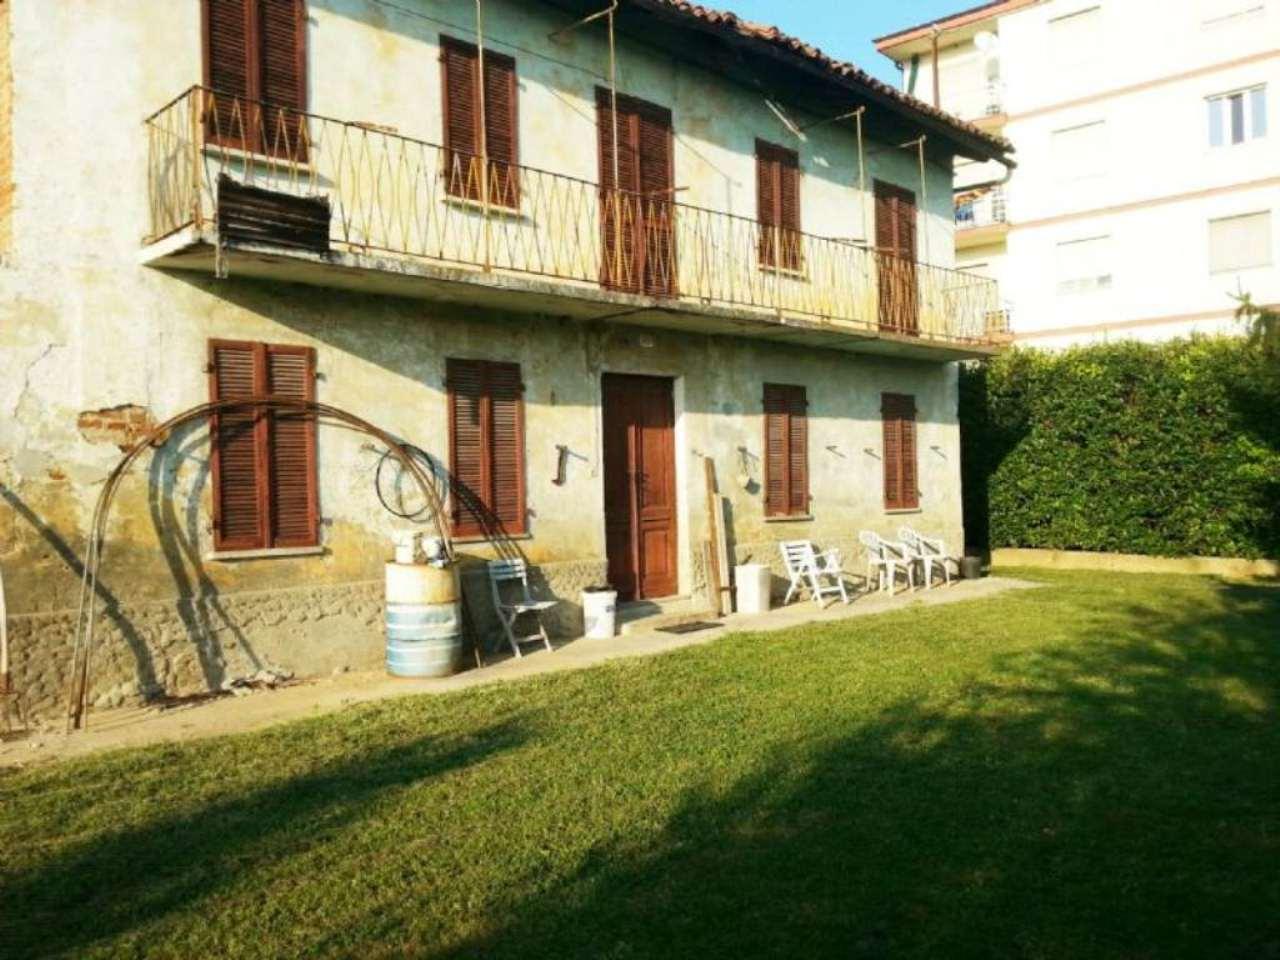 Rustico / Casale in vendita a Moncalieri, 9999 locali, prezzo € 595.000 | Cambio Casa.it